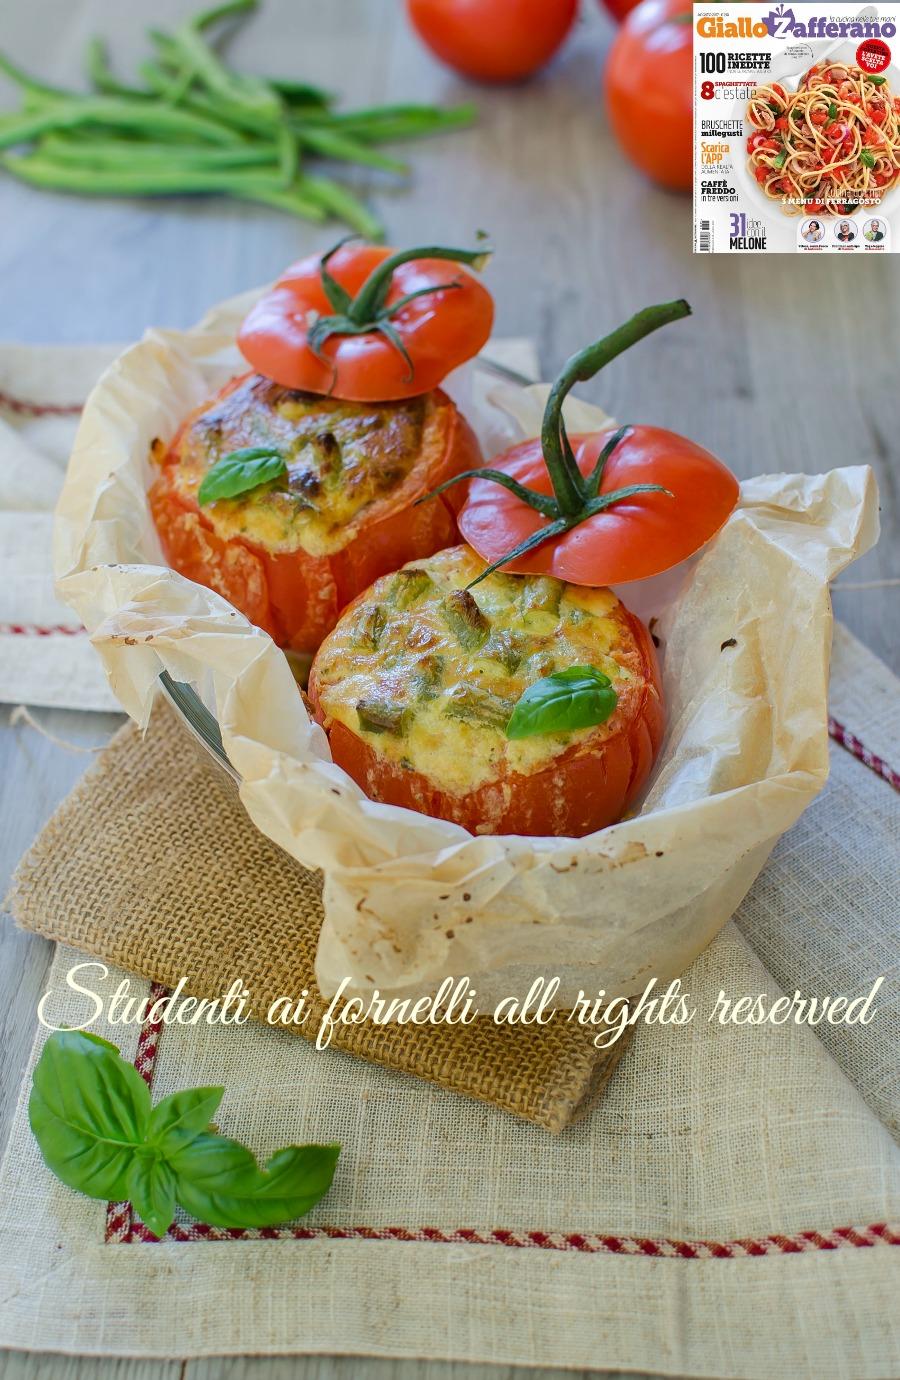 fb pomodori ripieni pesto robiola fagiolini ricetta rivista giallozafferano secondo vegetariano veloce